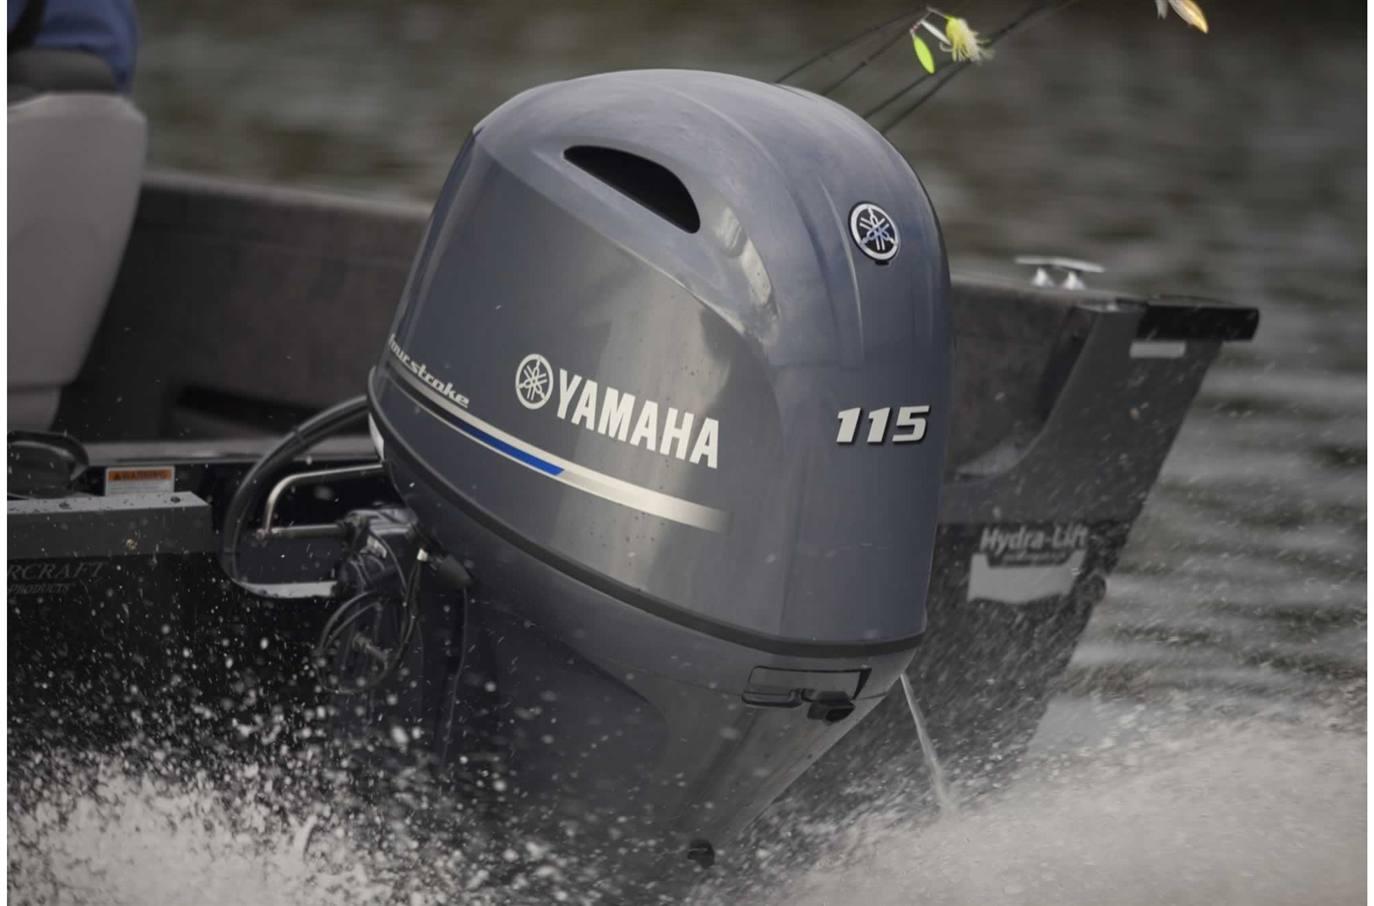 2019 Yamaha F115 - 20 in  Shaft